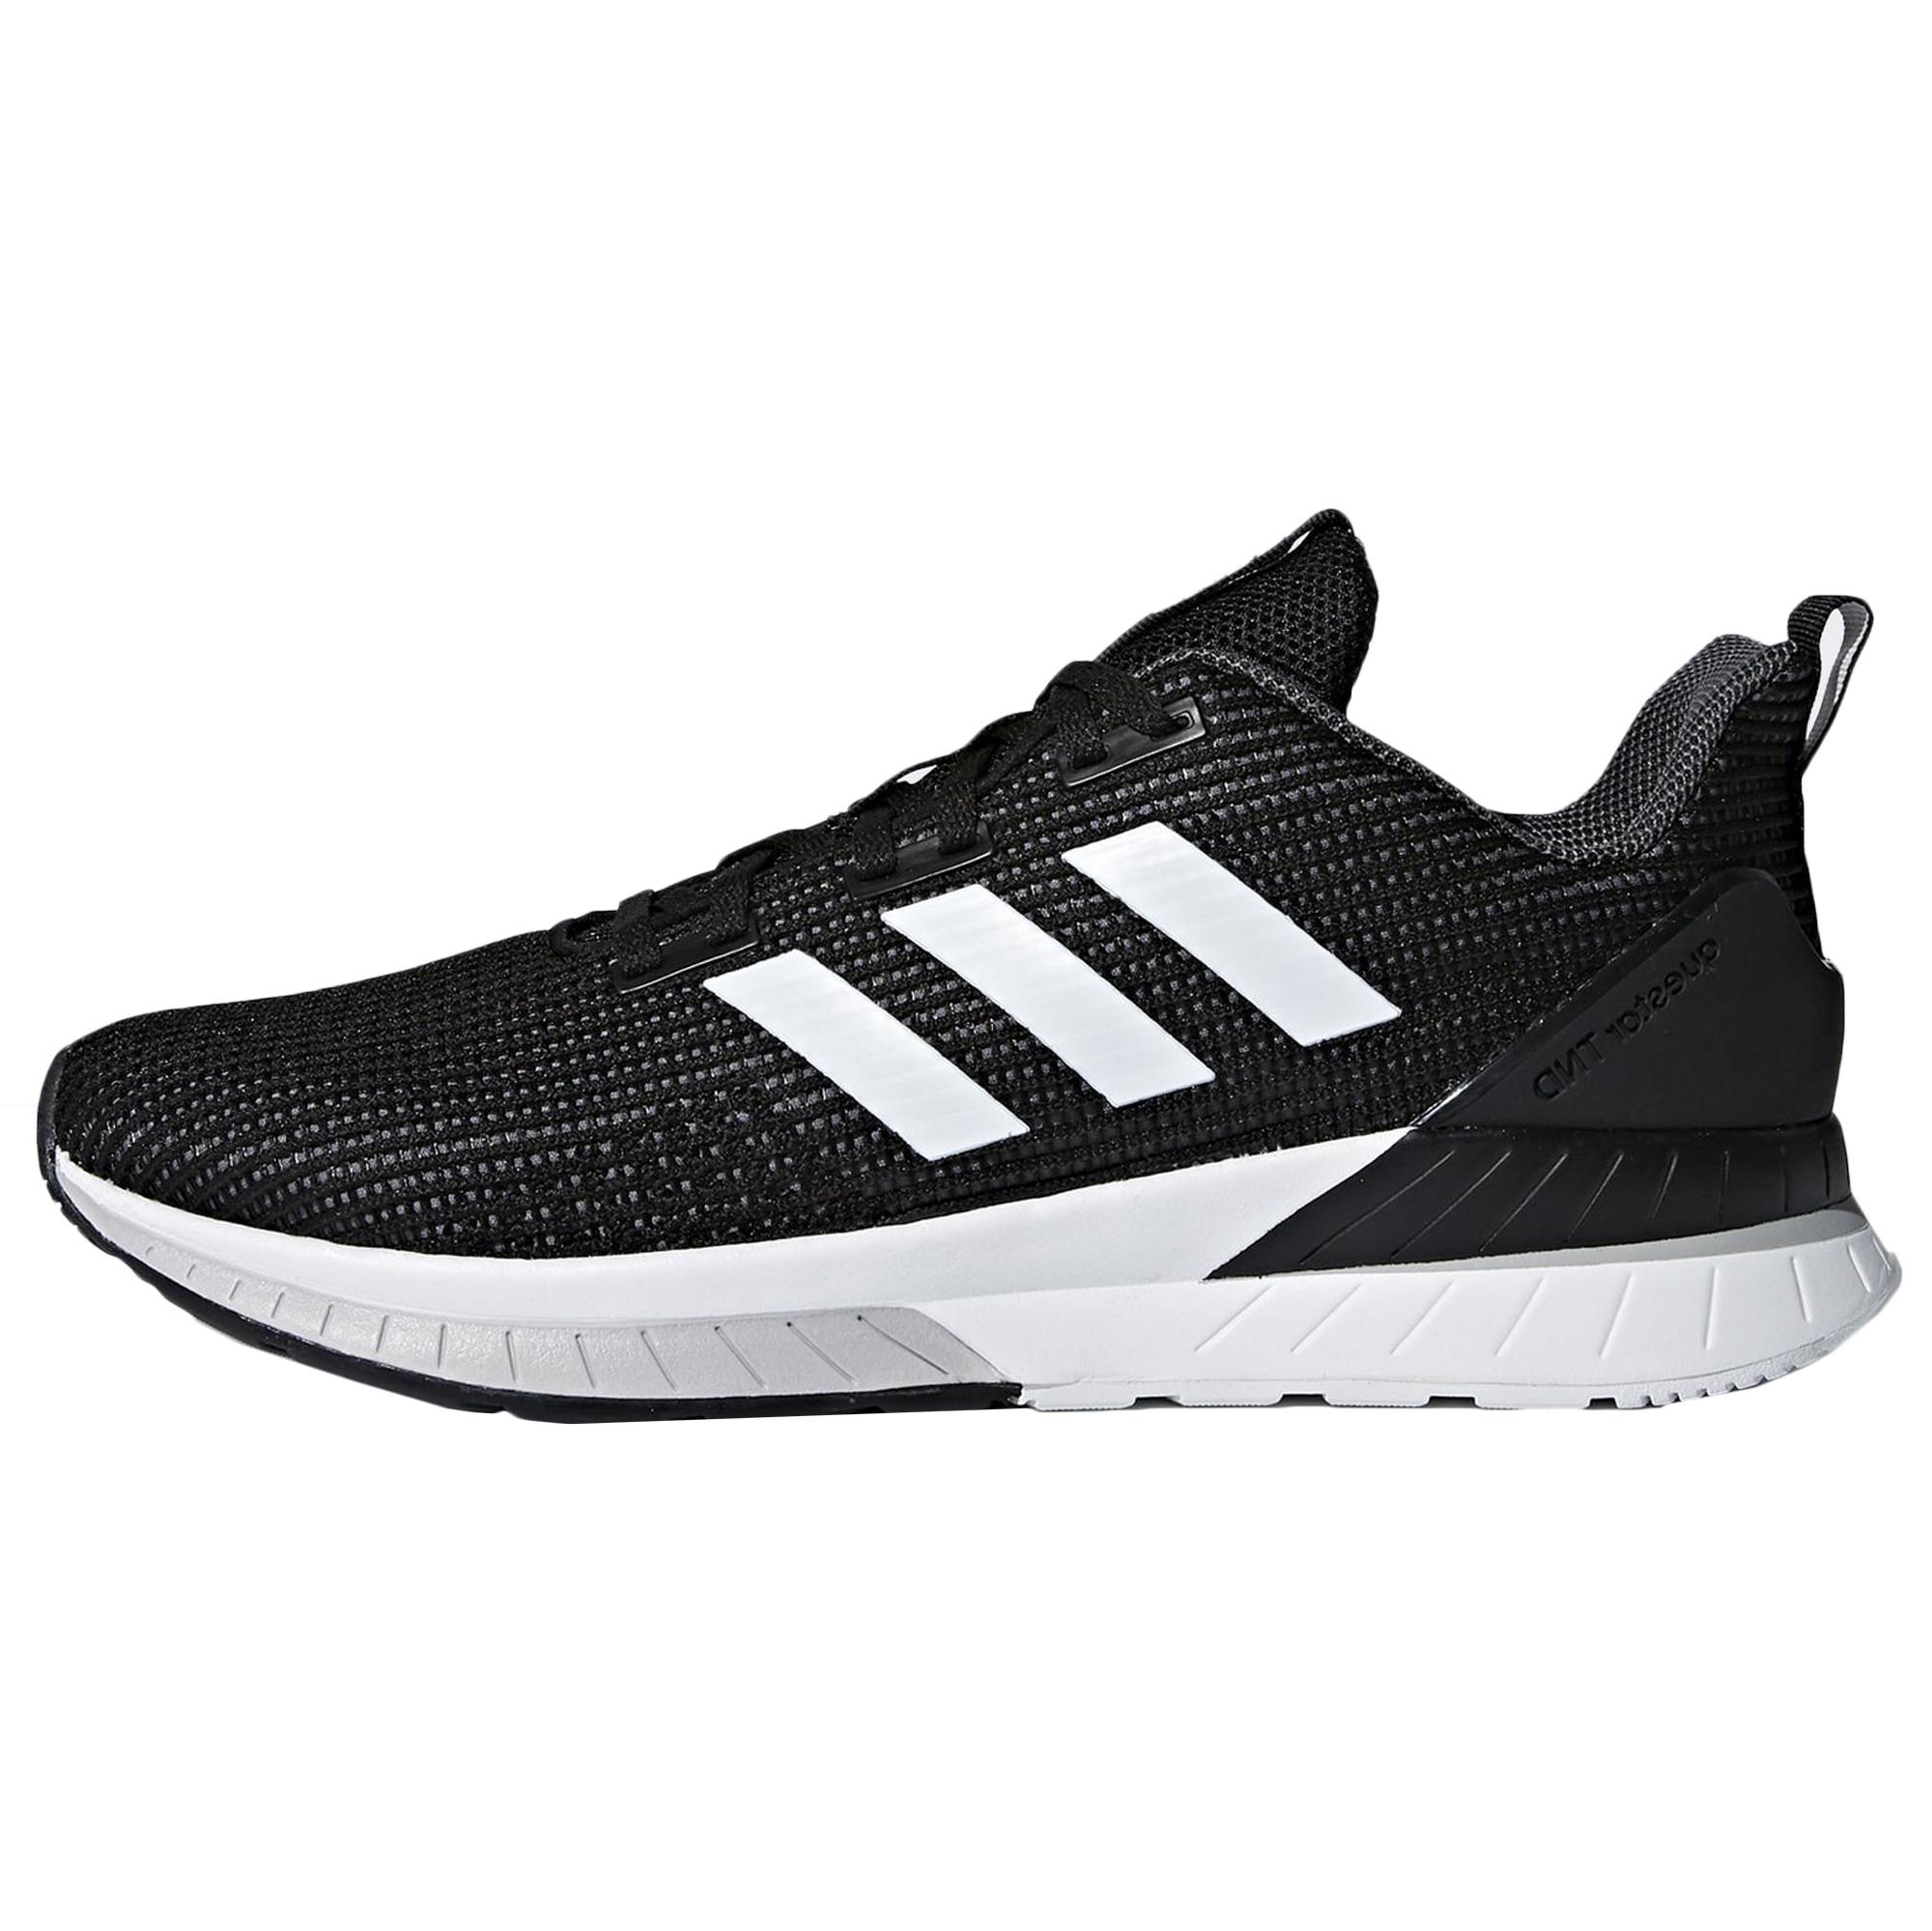 فروش                     کفش مخصوص دویدن مردانه آدیداس مدل Duramo کد 456-092